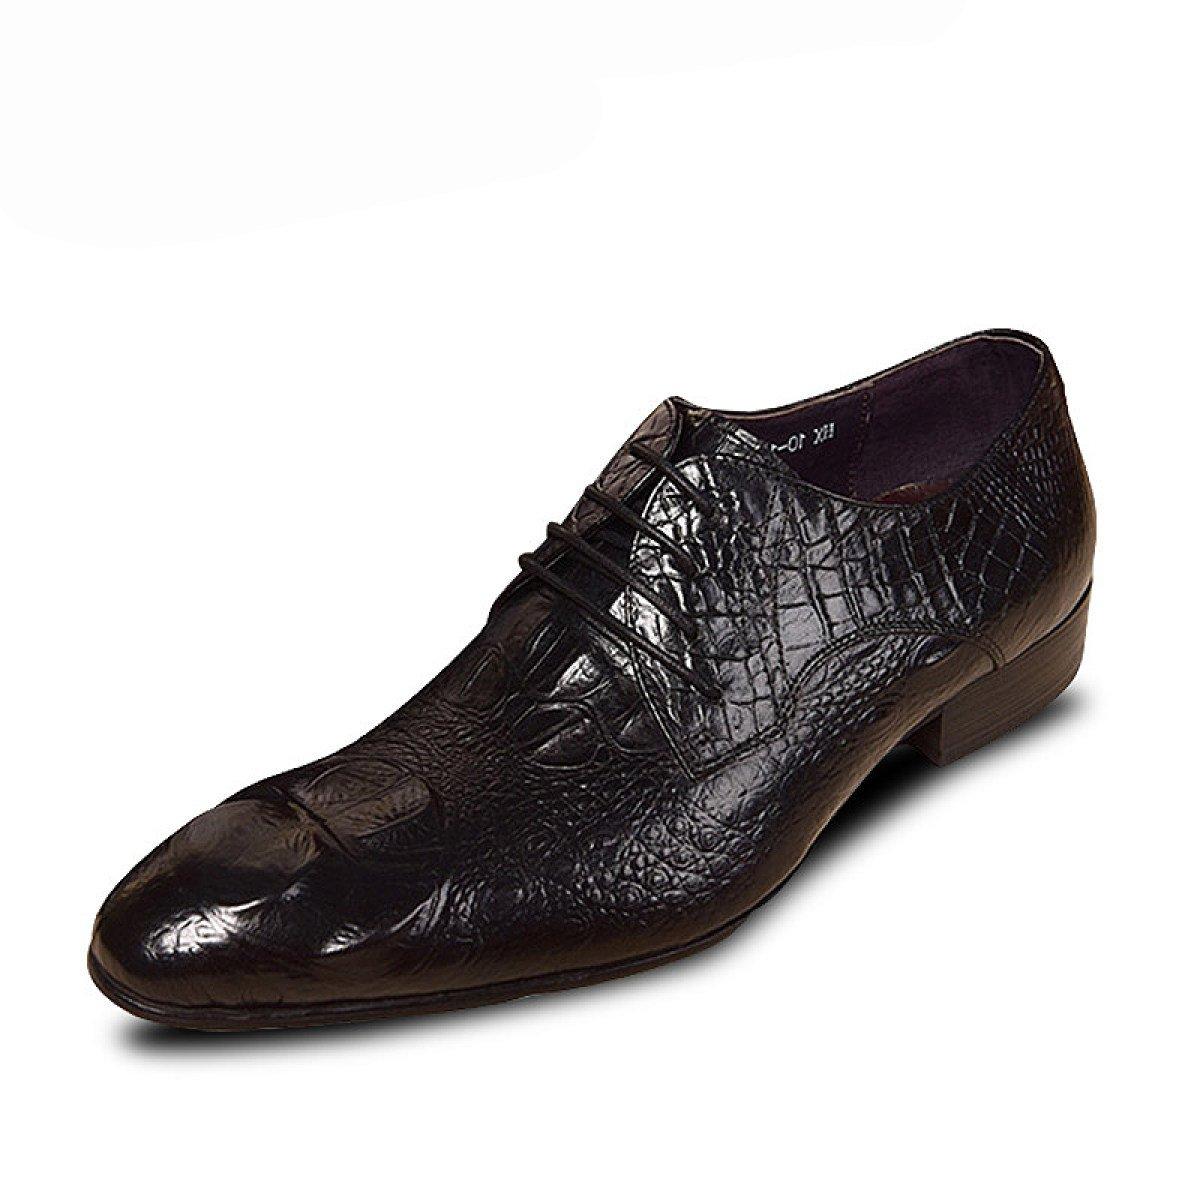 GRRONG Mauml;nner Hochzeit Derby-Schuhe Geschauml;fts-Kleid-Schuhe  41|Black